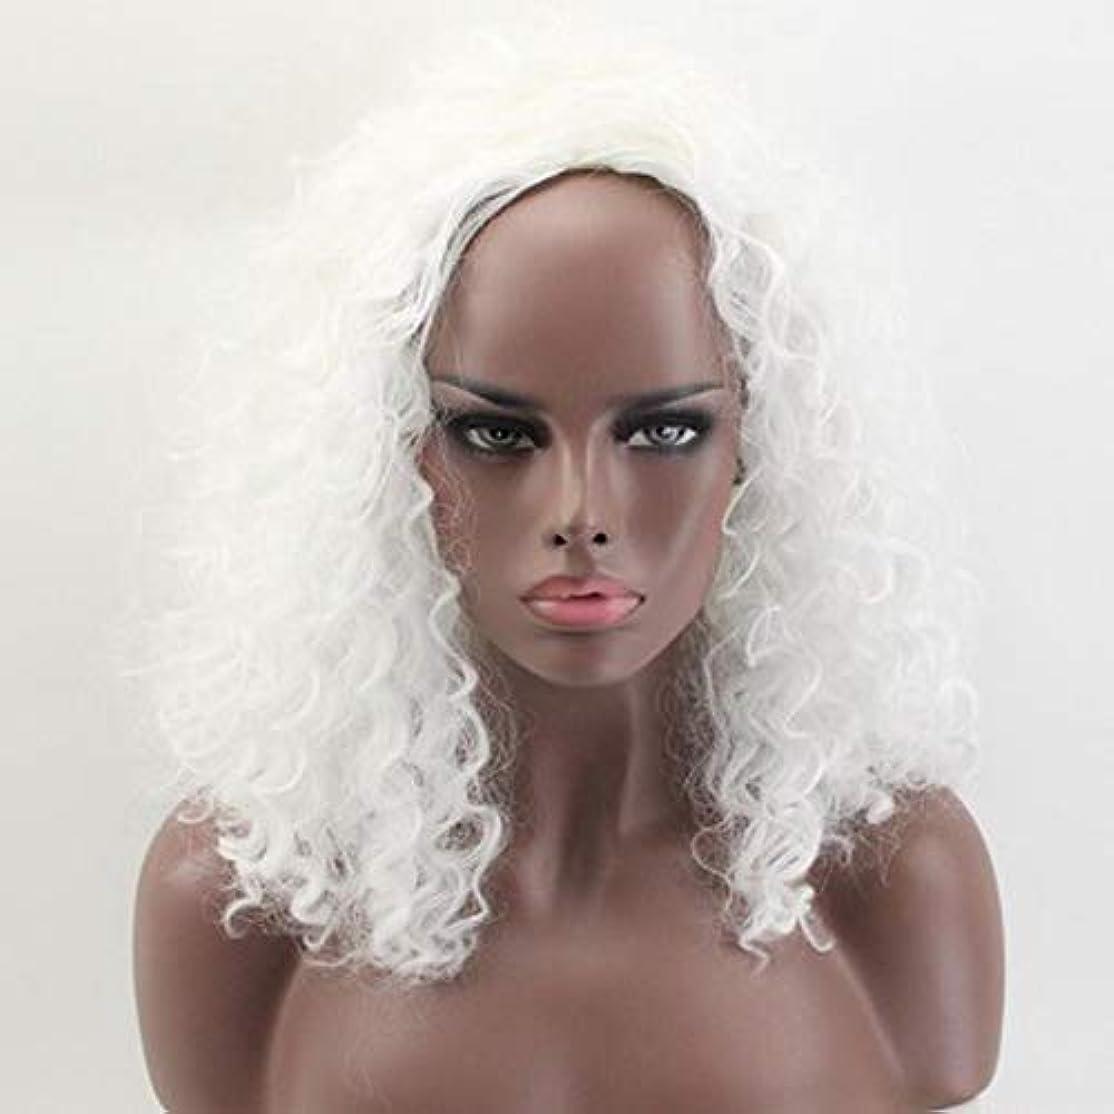 女性のための色のかつら、ポニーテールのロリータカーリーコスプレウィッグ、高密度温度合成ウィッグコスプレヘアウィッグ、耐熱繊維ヘアウィッグ